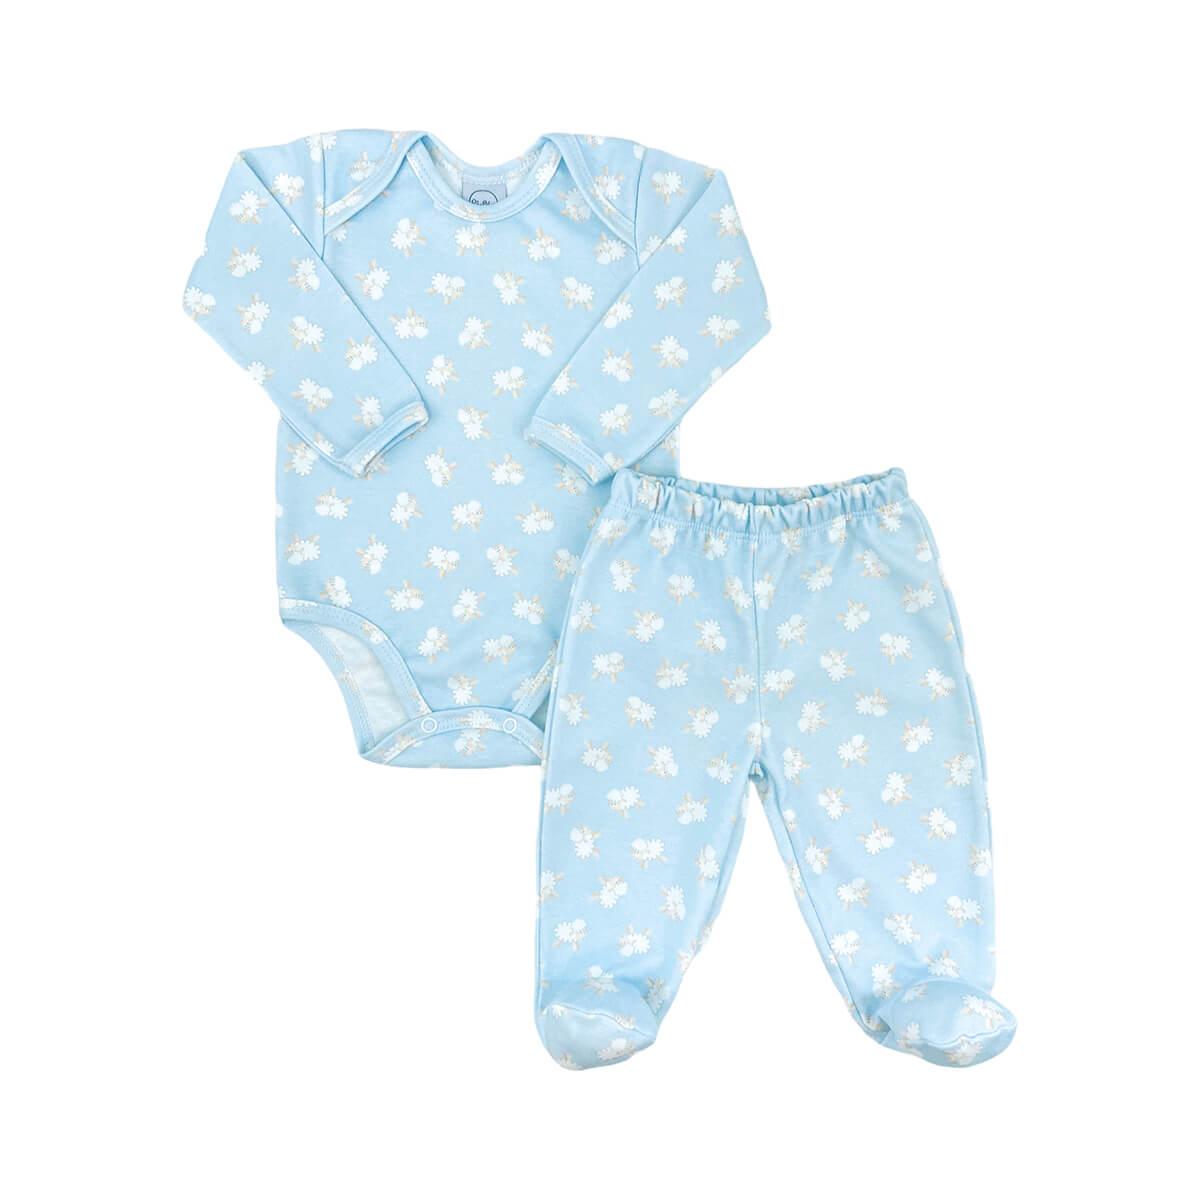 Conjunto Bebê Longo Fio Egípcio Ovelhinha Azul - Tamanhos RN e P com pezinho; M, G e XG sem pezinho  - Piu Blu